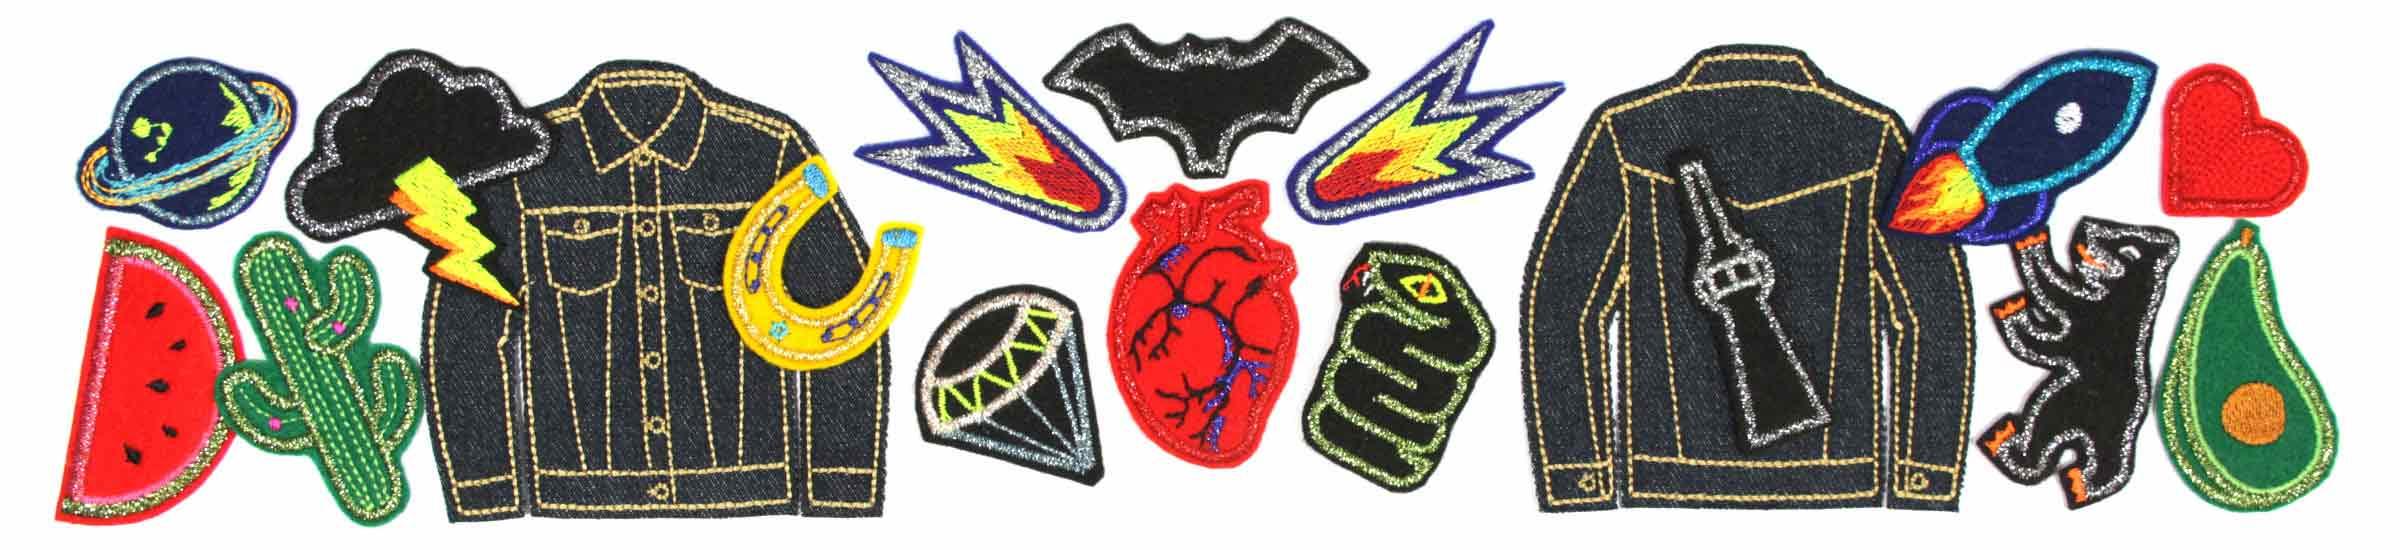 bugelbilder-flicken-aufnaher-patches-aufbugler-jeans-jacke-klein-glitzer-metallic-flickli-aufbugeln-erwachsene-kinder-accessoires-hosenflicken-knieflicken-aufbugeln